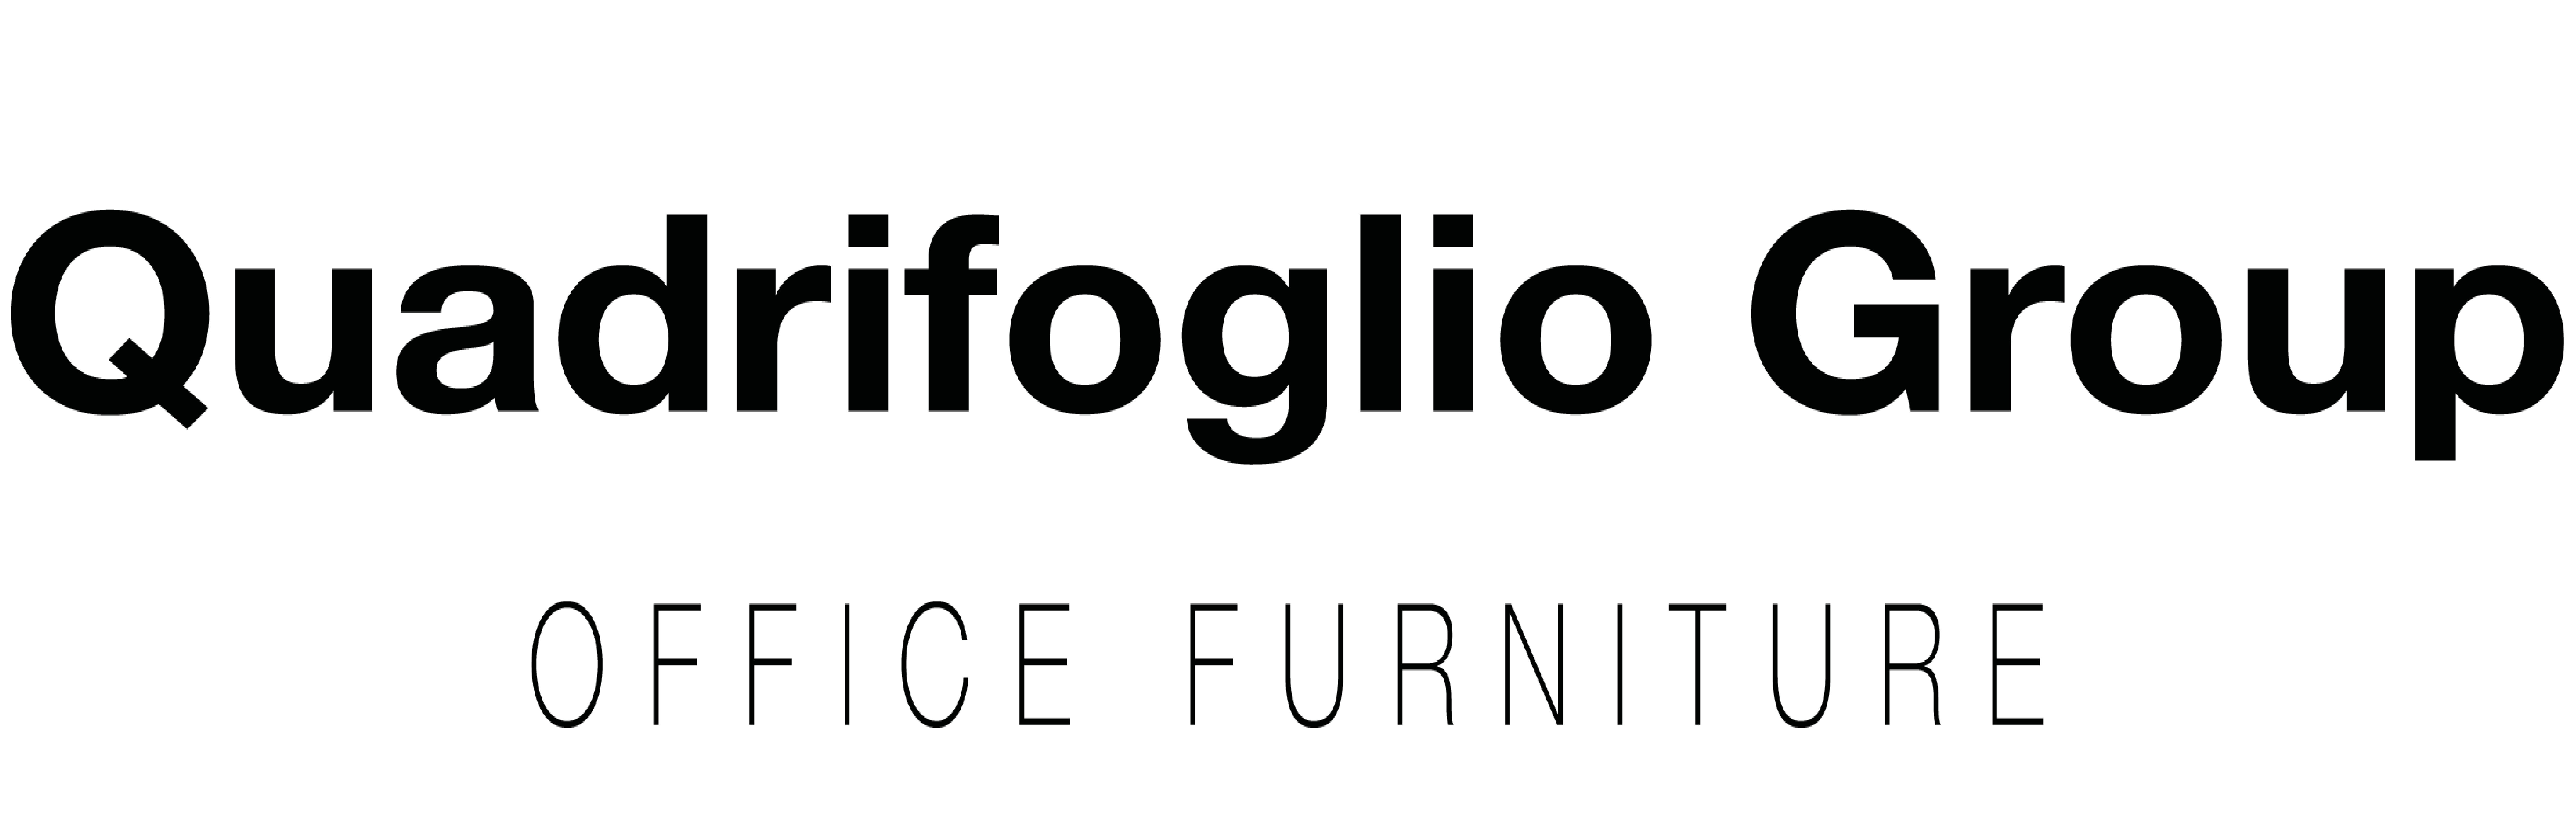 The Quadrifoglio Group